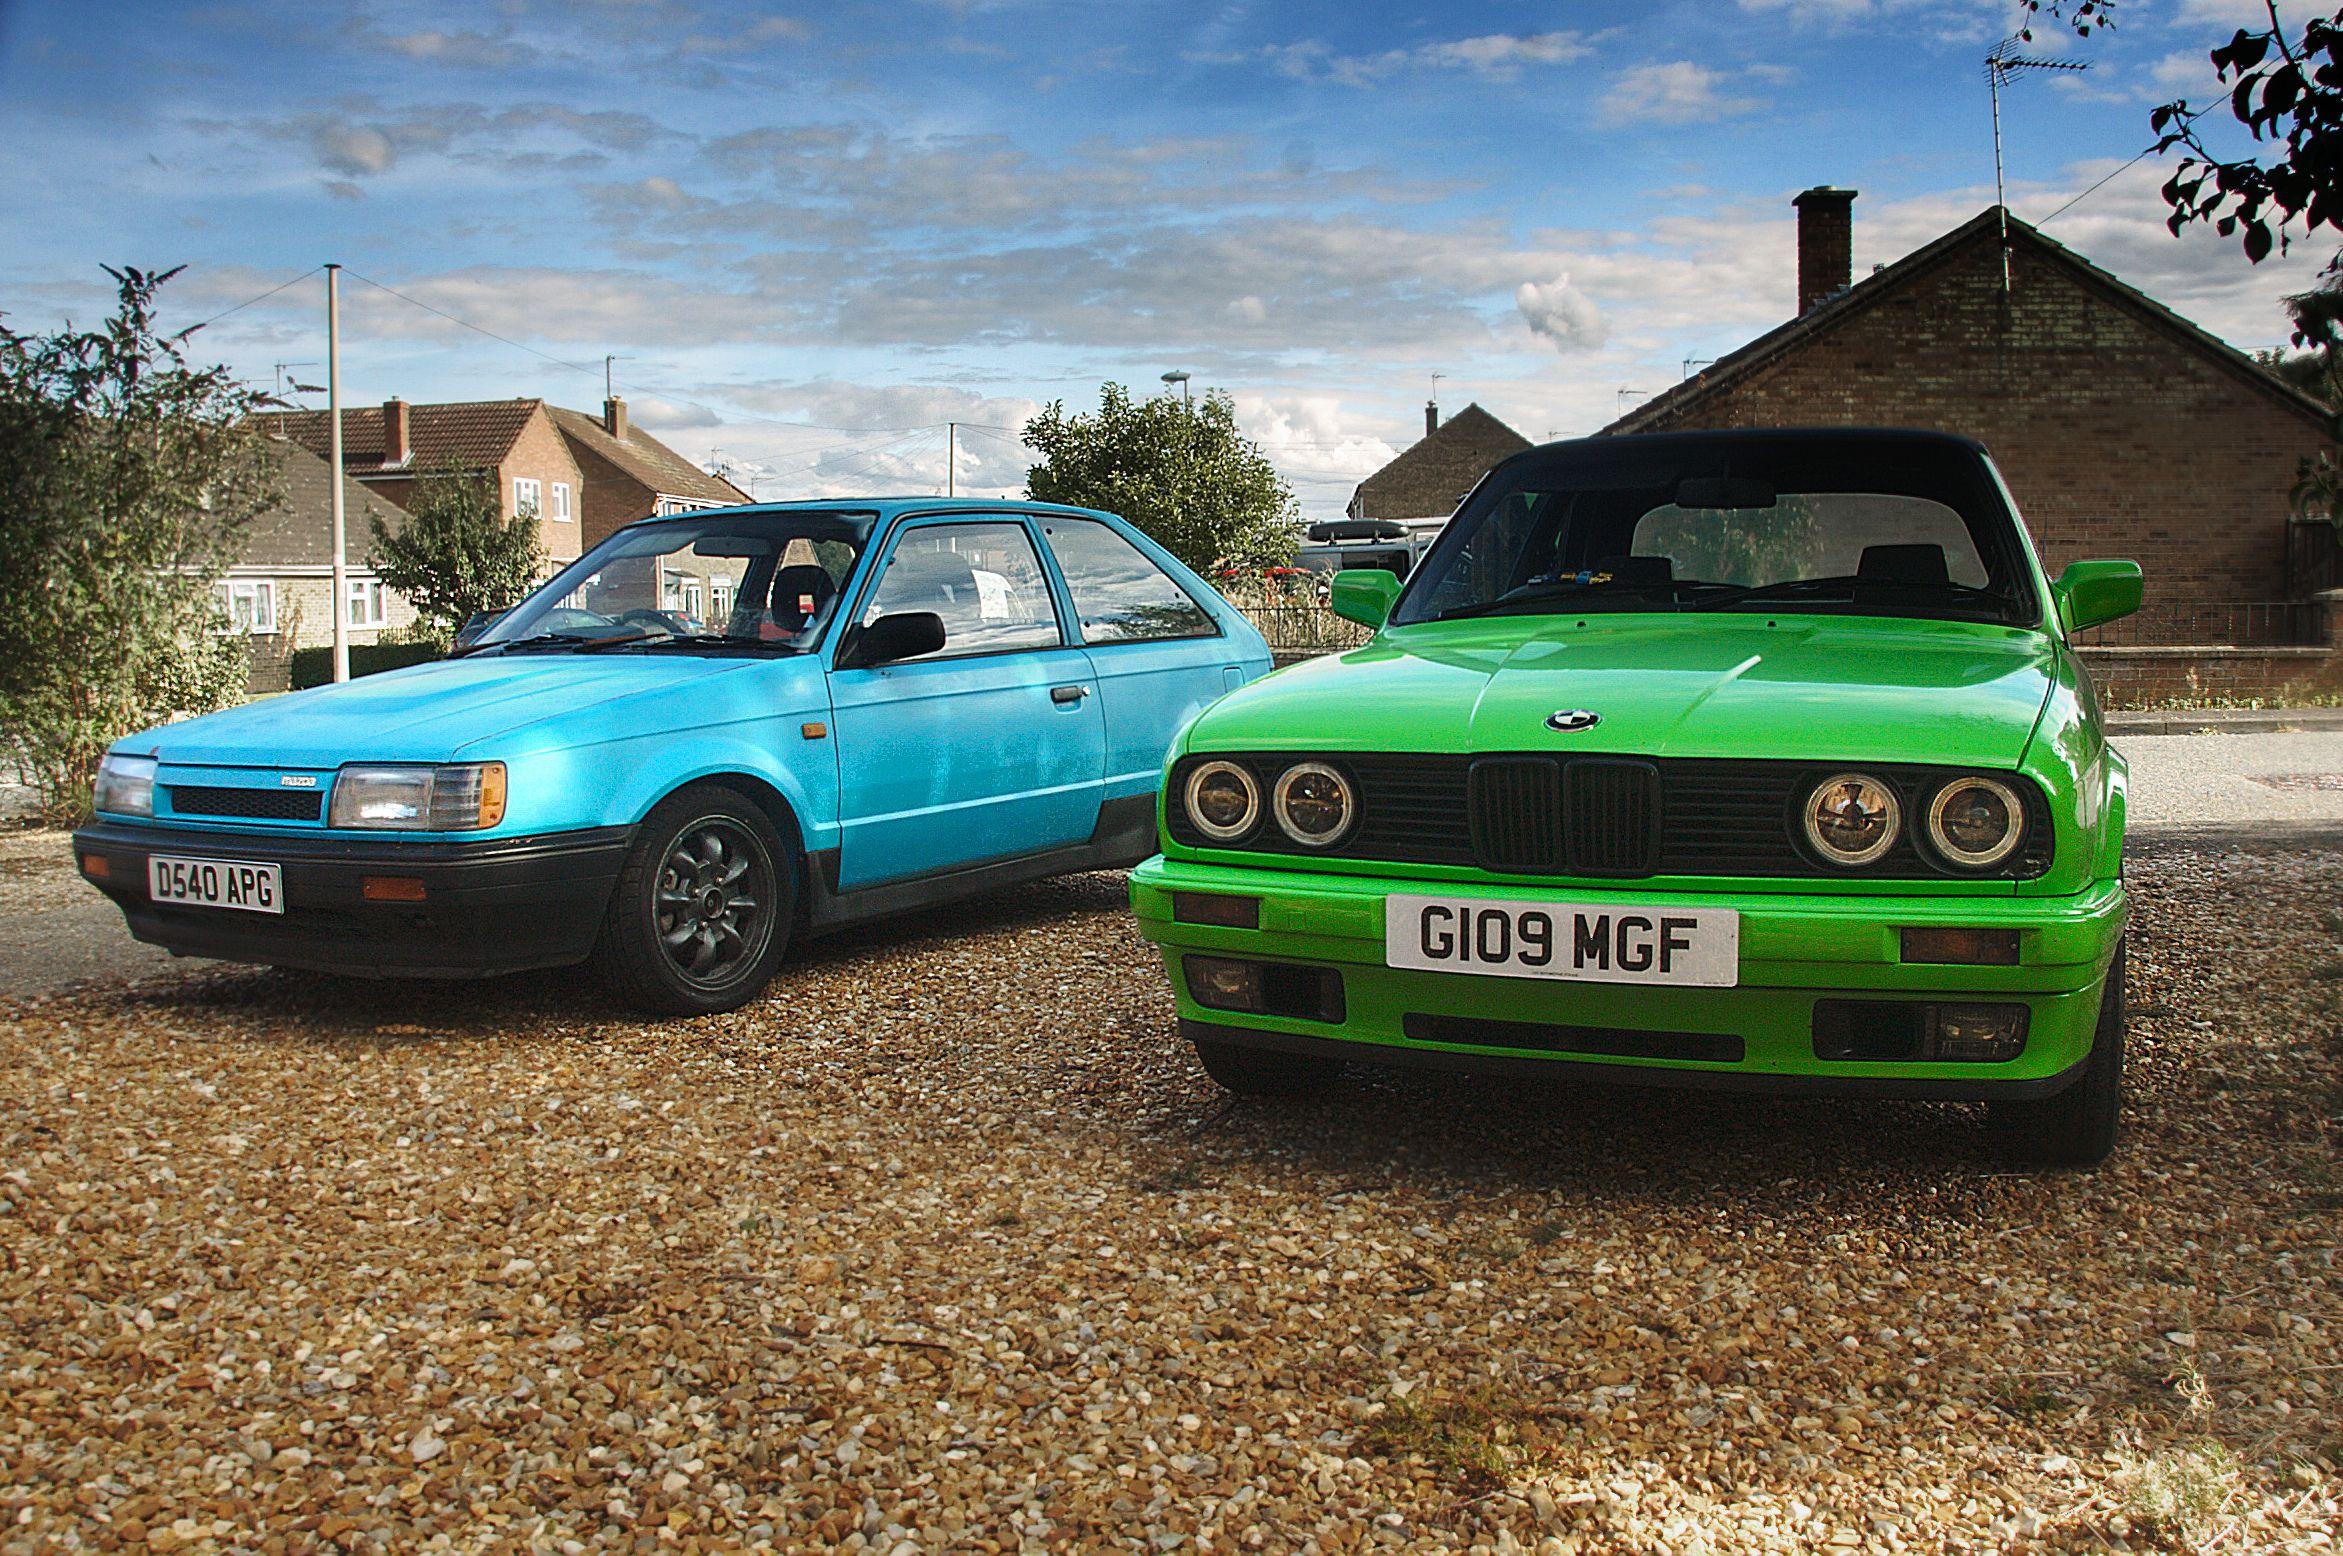 BMW E30 and Mazda 323 GTX